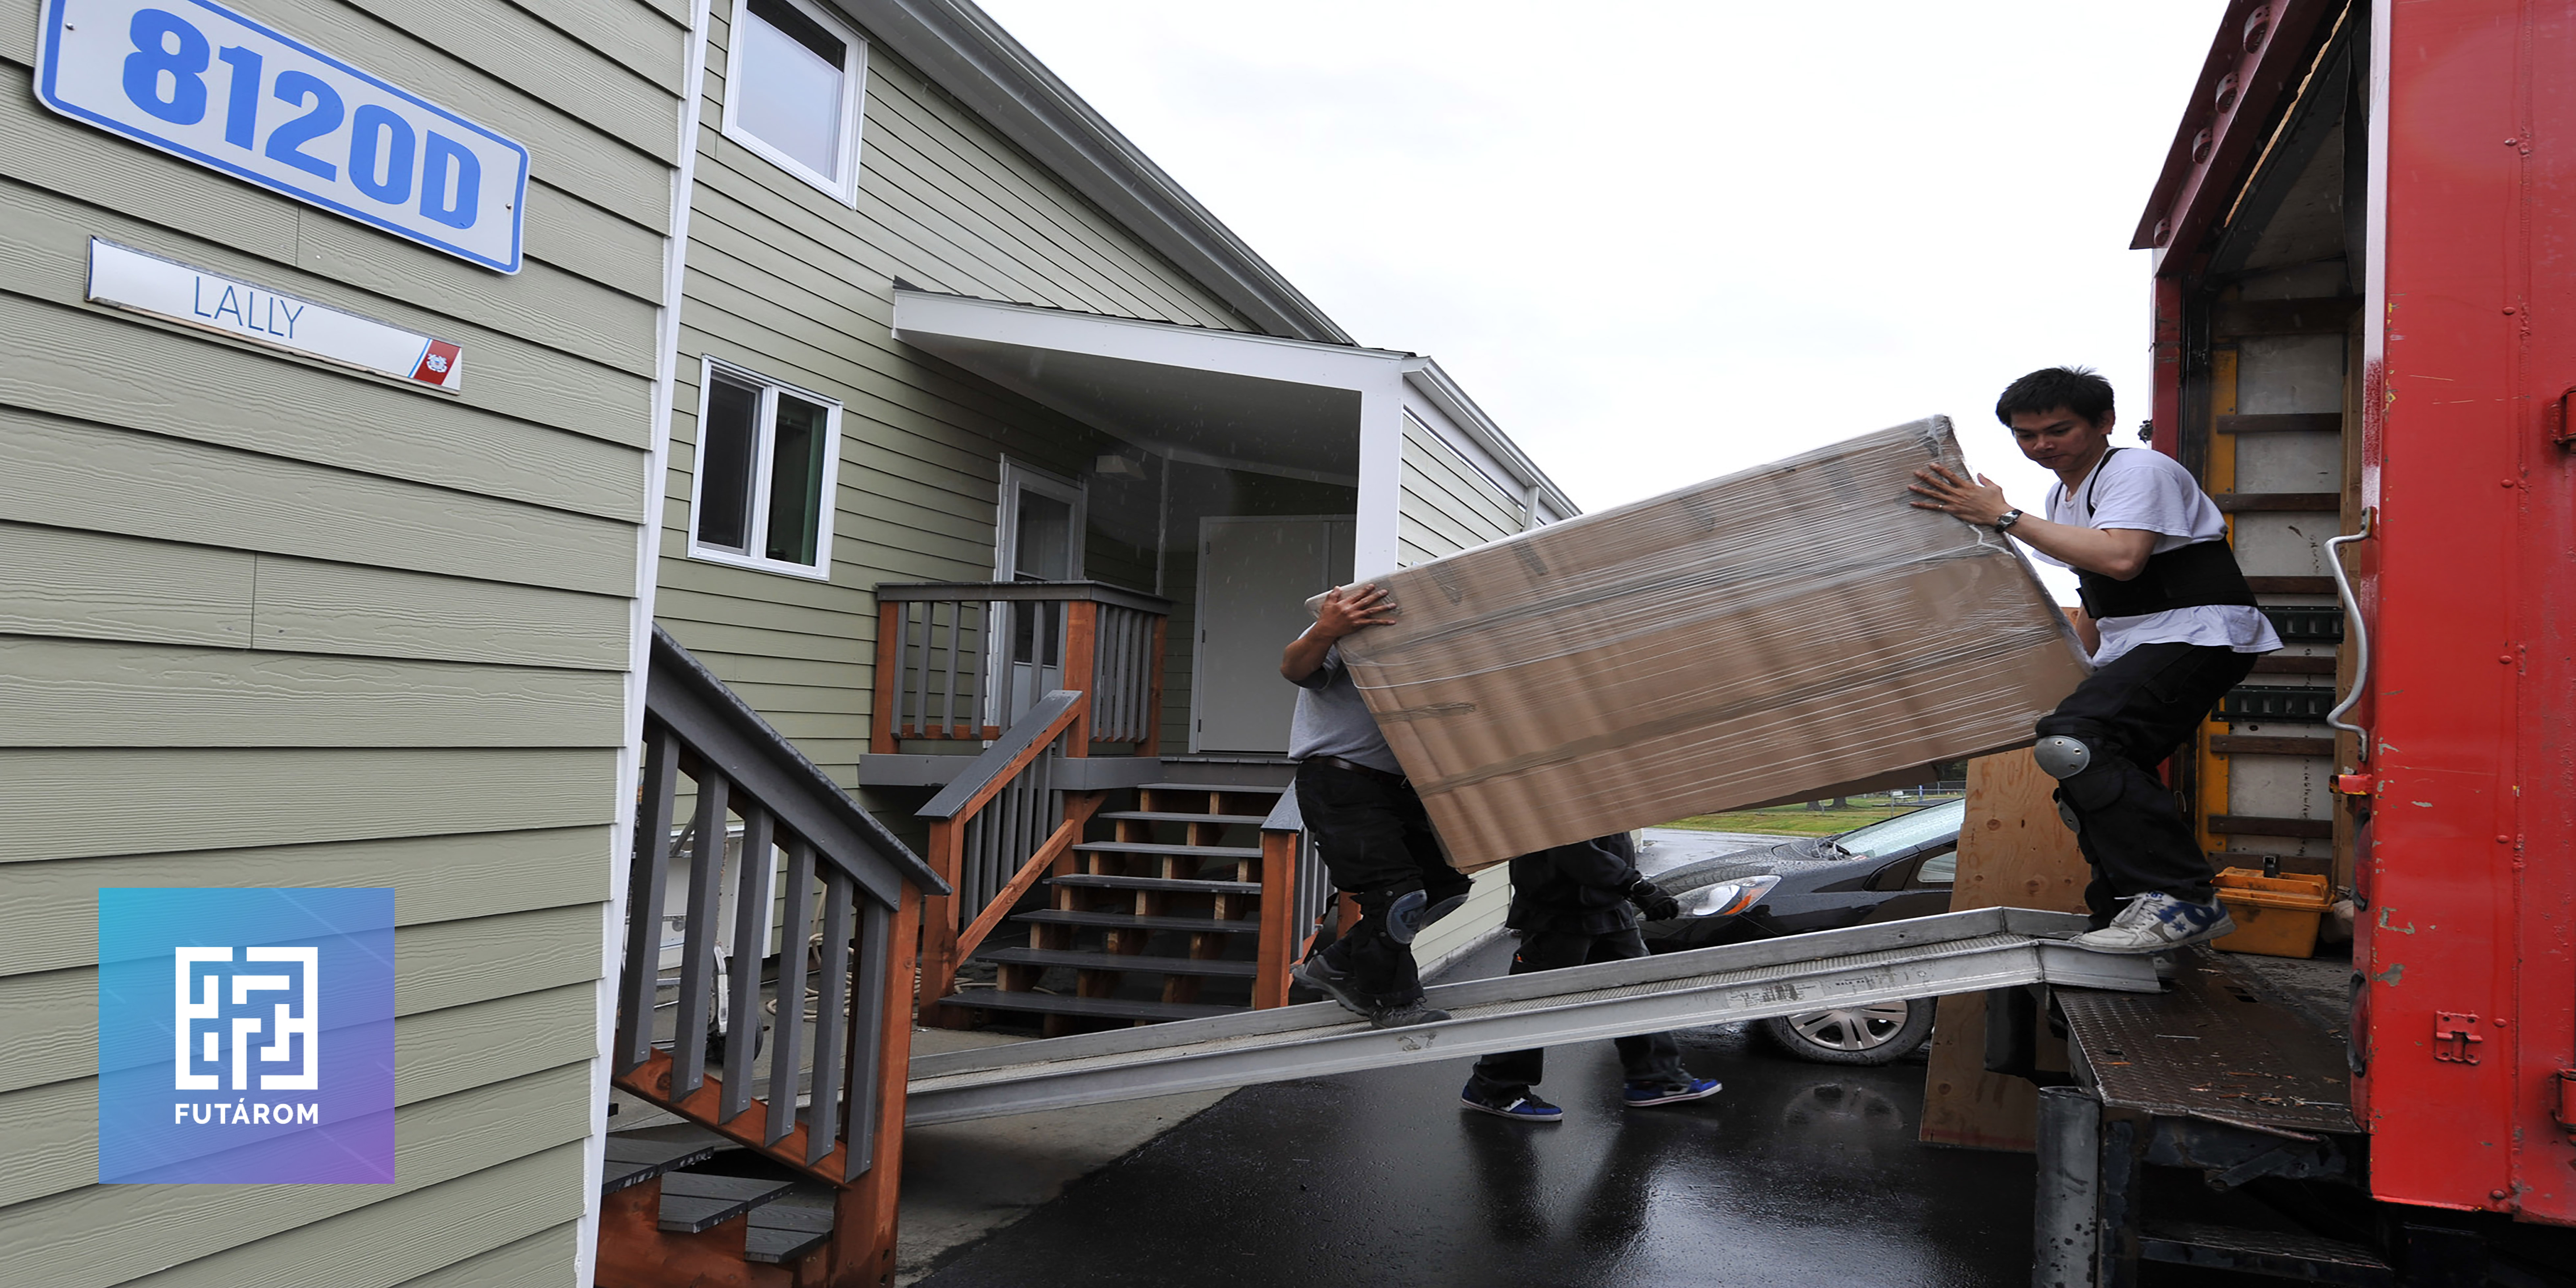 120611-g-kl864-553-lally-family-move-from-kodiak-housing.jpg